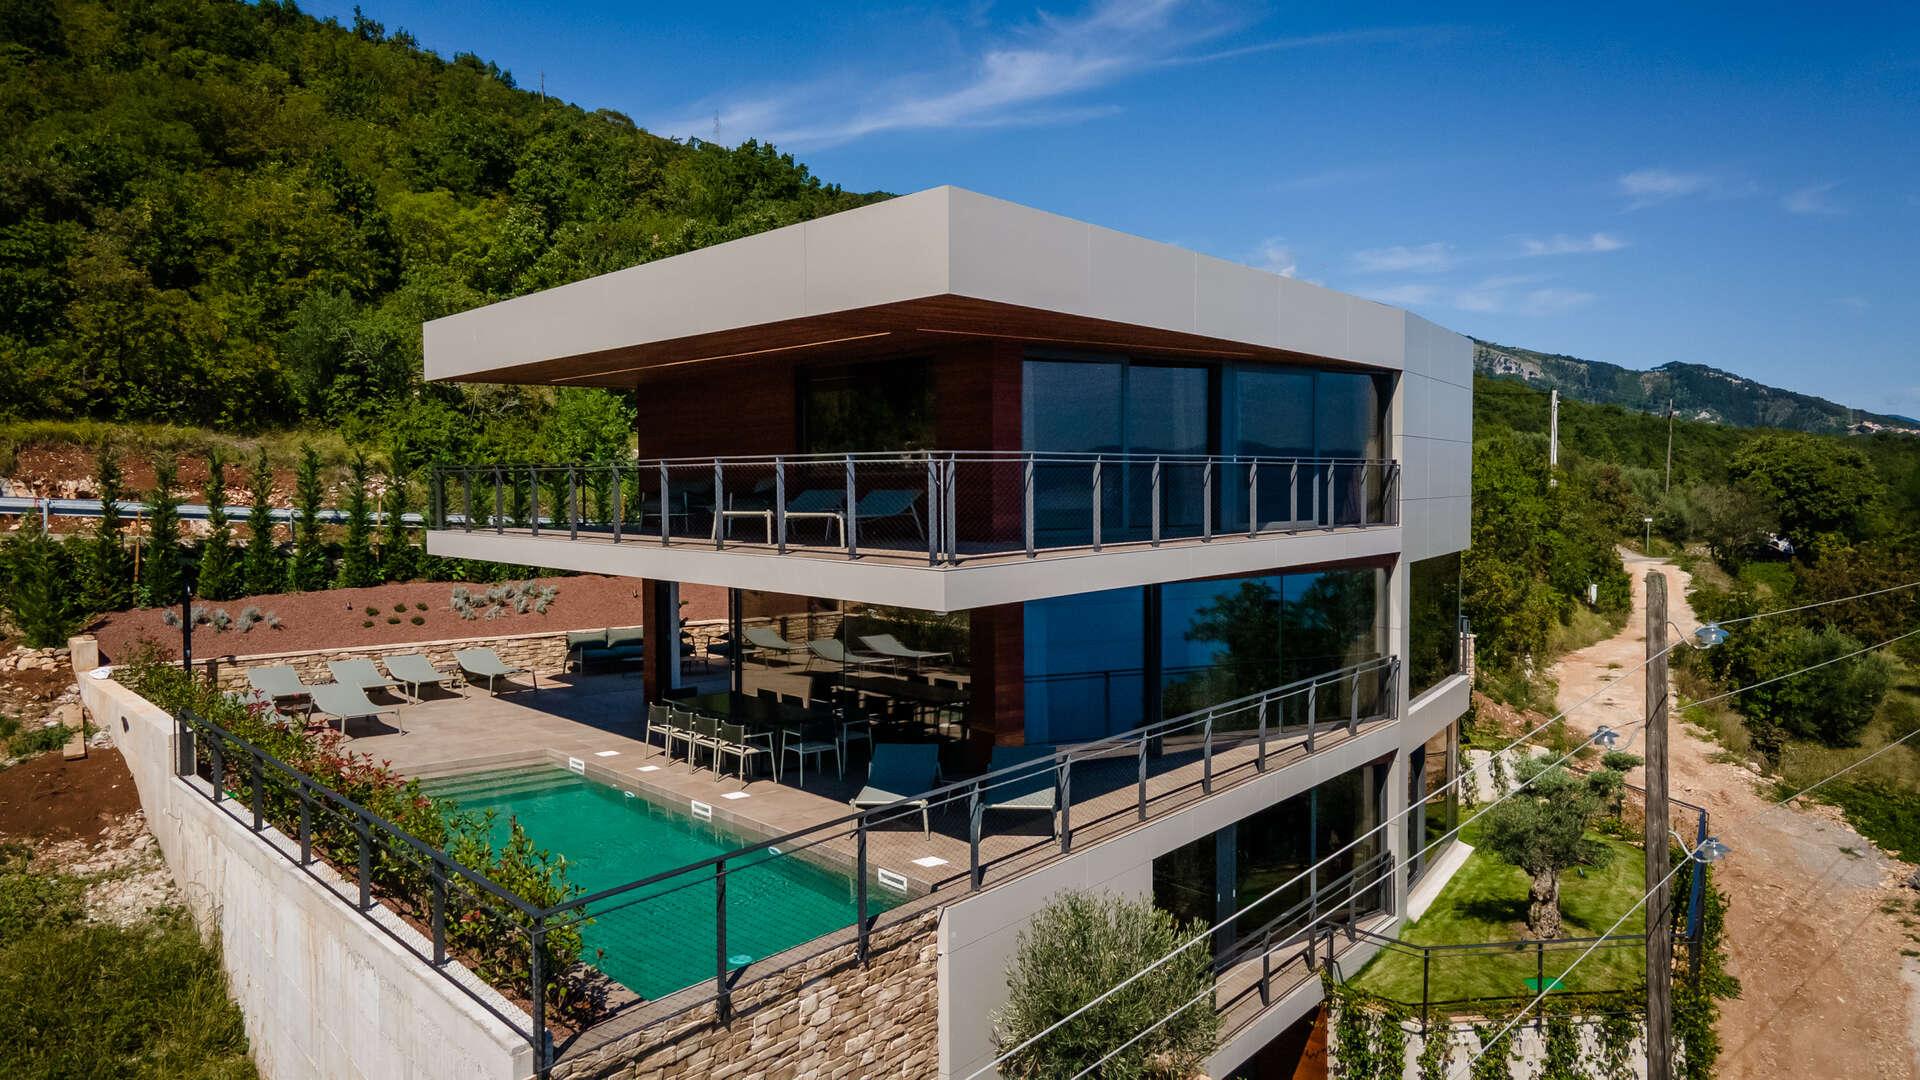 - Villa Illys - Image 1/56